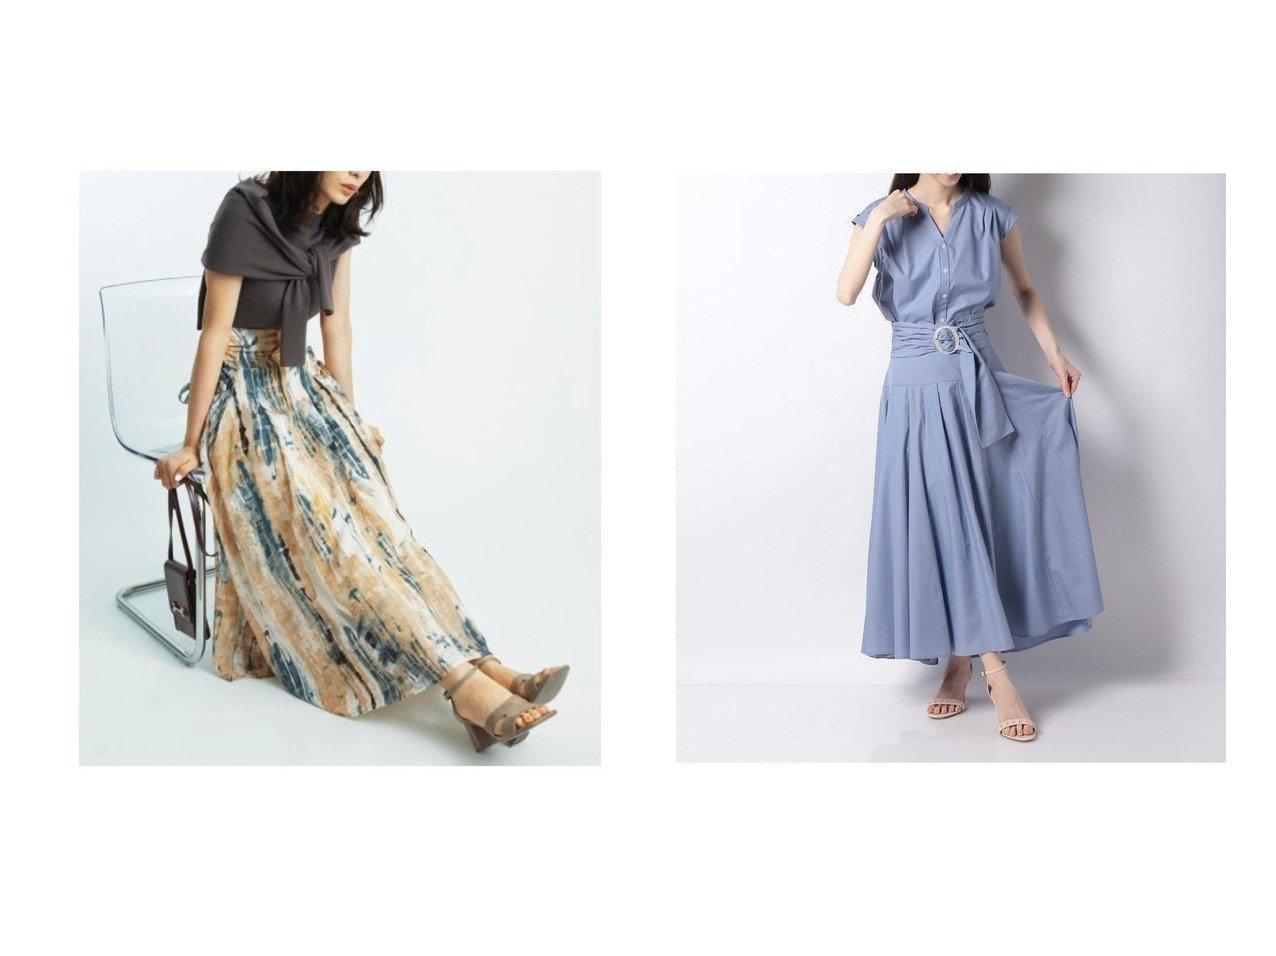 【SNIDEL/スナイデル】のリボンジャガードプリントスカート&【Apuweiser-riche/アプワイザーリッシェ】のチンツシャツセットアップ 【スカート】おすすめ!人気、トレンド・レディースファッションの通販 おすすめで人気の流行・トレンド、ファッションの通販商品 インテリア・家具・メンズファッション・キッズファッション・レディースファッション・服の通販 founy(ファニー) https://founy.com/ ファッション Fashion レディースファッション WOMEN スカート Skirt セットアップ Setup トップス Tops スカート Skirt Aライン/フレアスカート Flared A-Line Skirts エアリー サマー シアー シャーリング スマート ドット フレア プリント ランダム 再入荷 Restock/Back in Stock/Re Arrival NEW・新作・新着・新入荷 New Arrivals ギャザー スキッパー セットアップ ワイド |ID:crp329100000054048